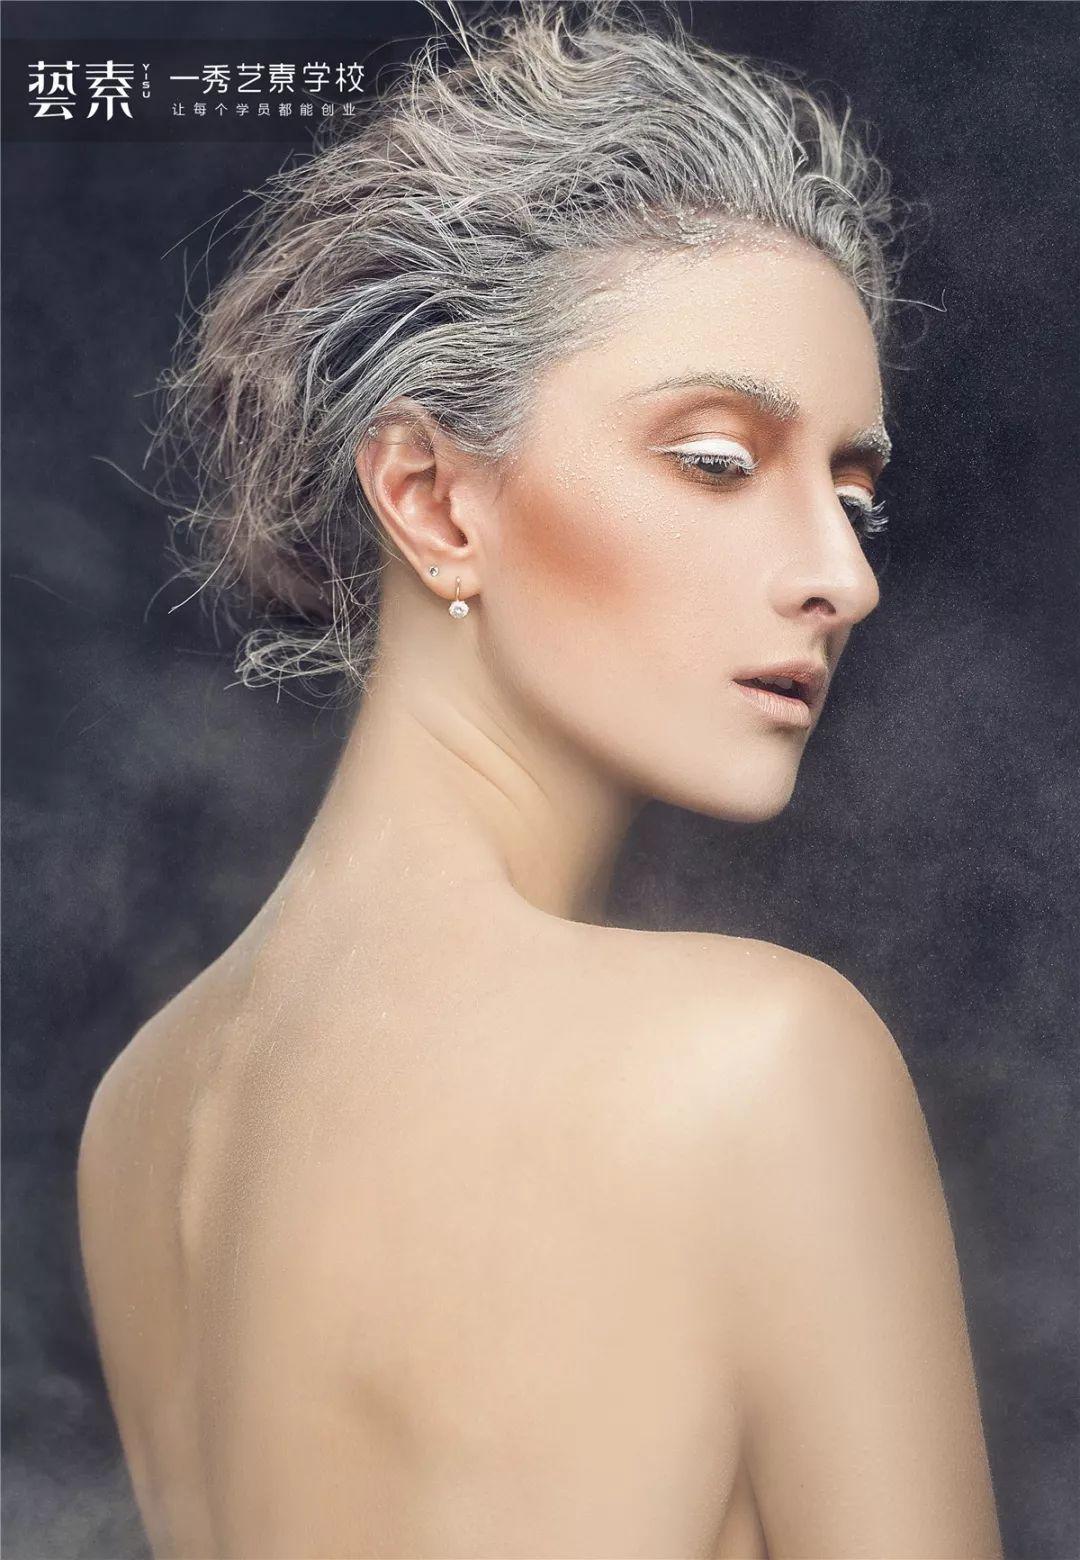 化妆学校:在校生并不比社会从业人员差!!!